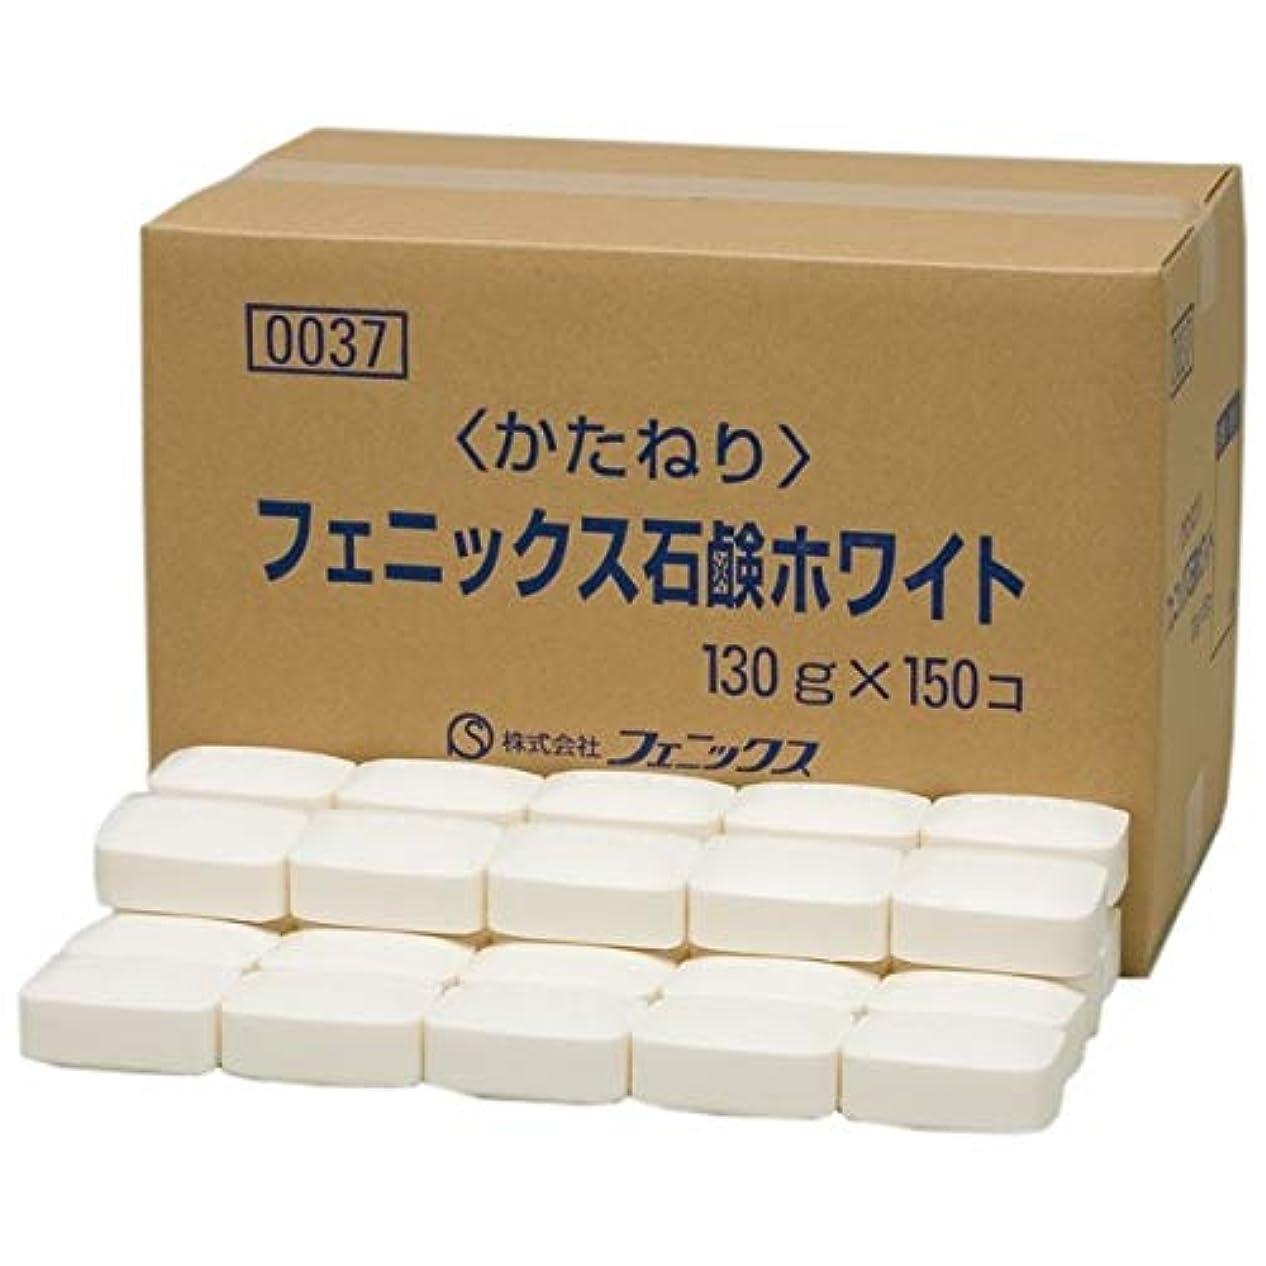 社員習慣ミケランジェロフェニックスホワイト石鹸 130g×150個入